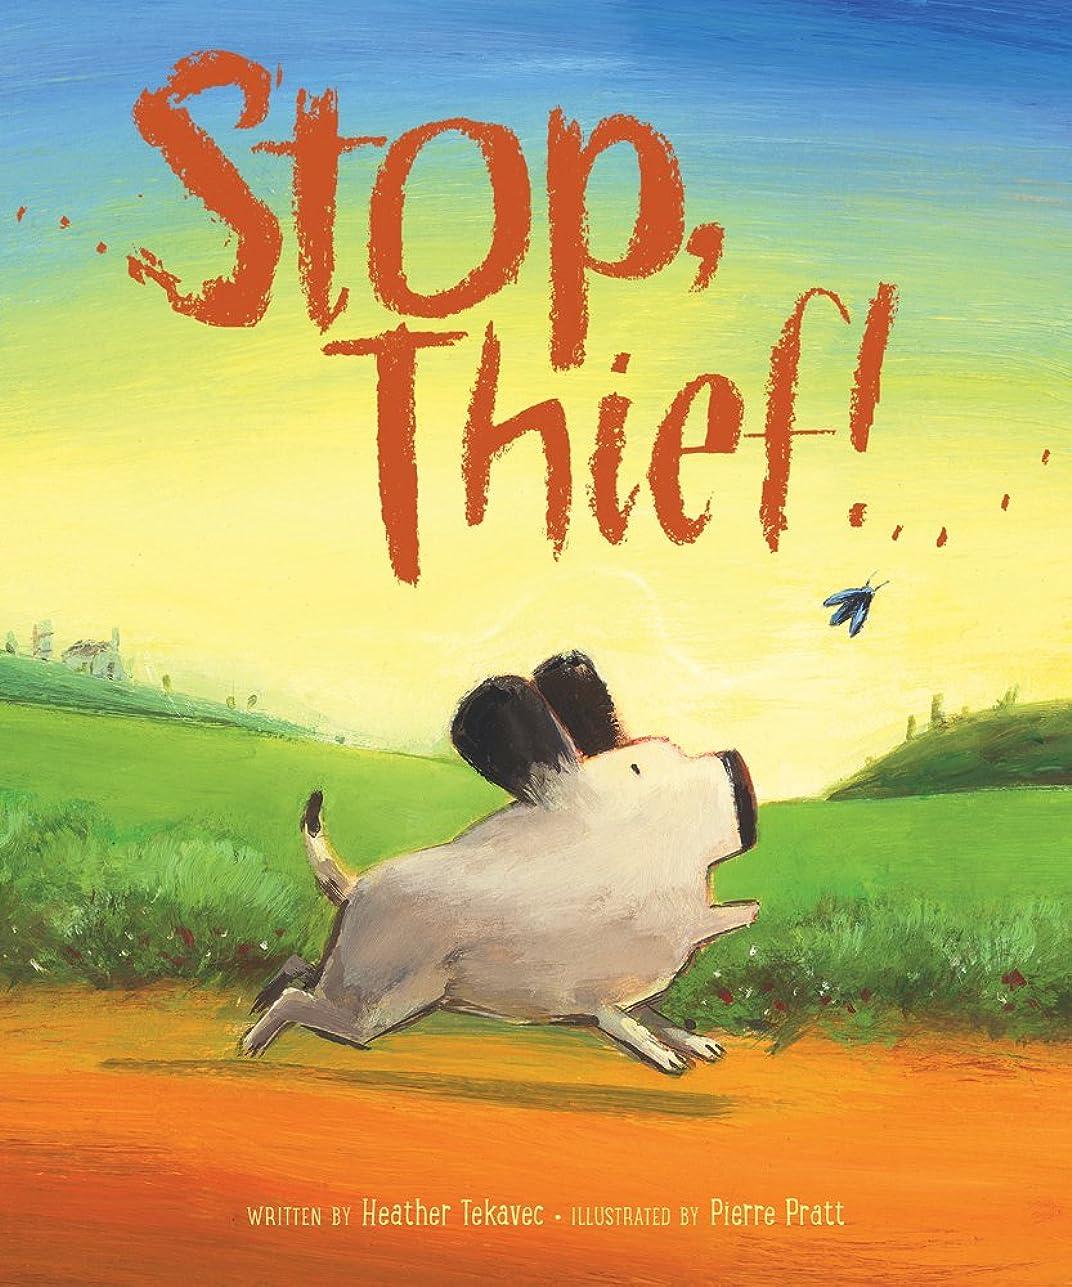 委員会文化柔らかさStop, Thief! (English Edition)